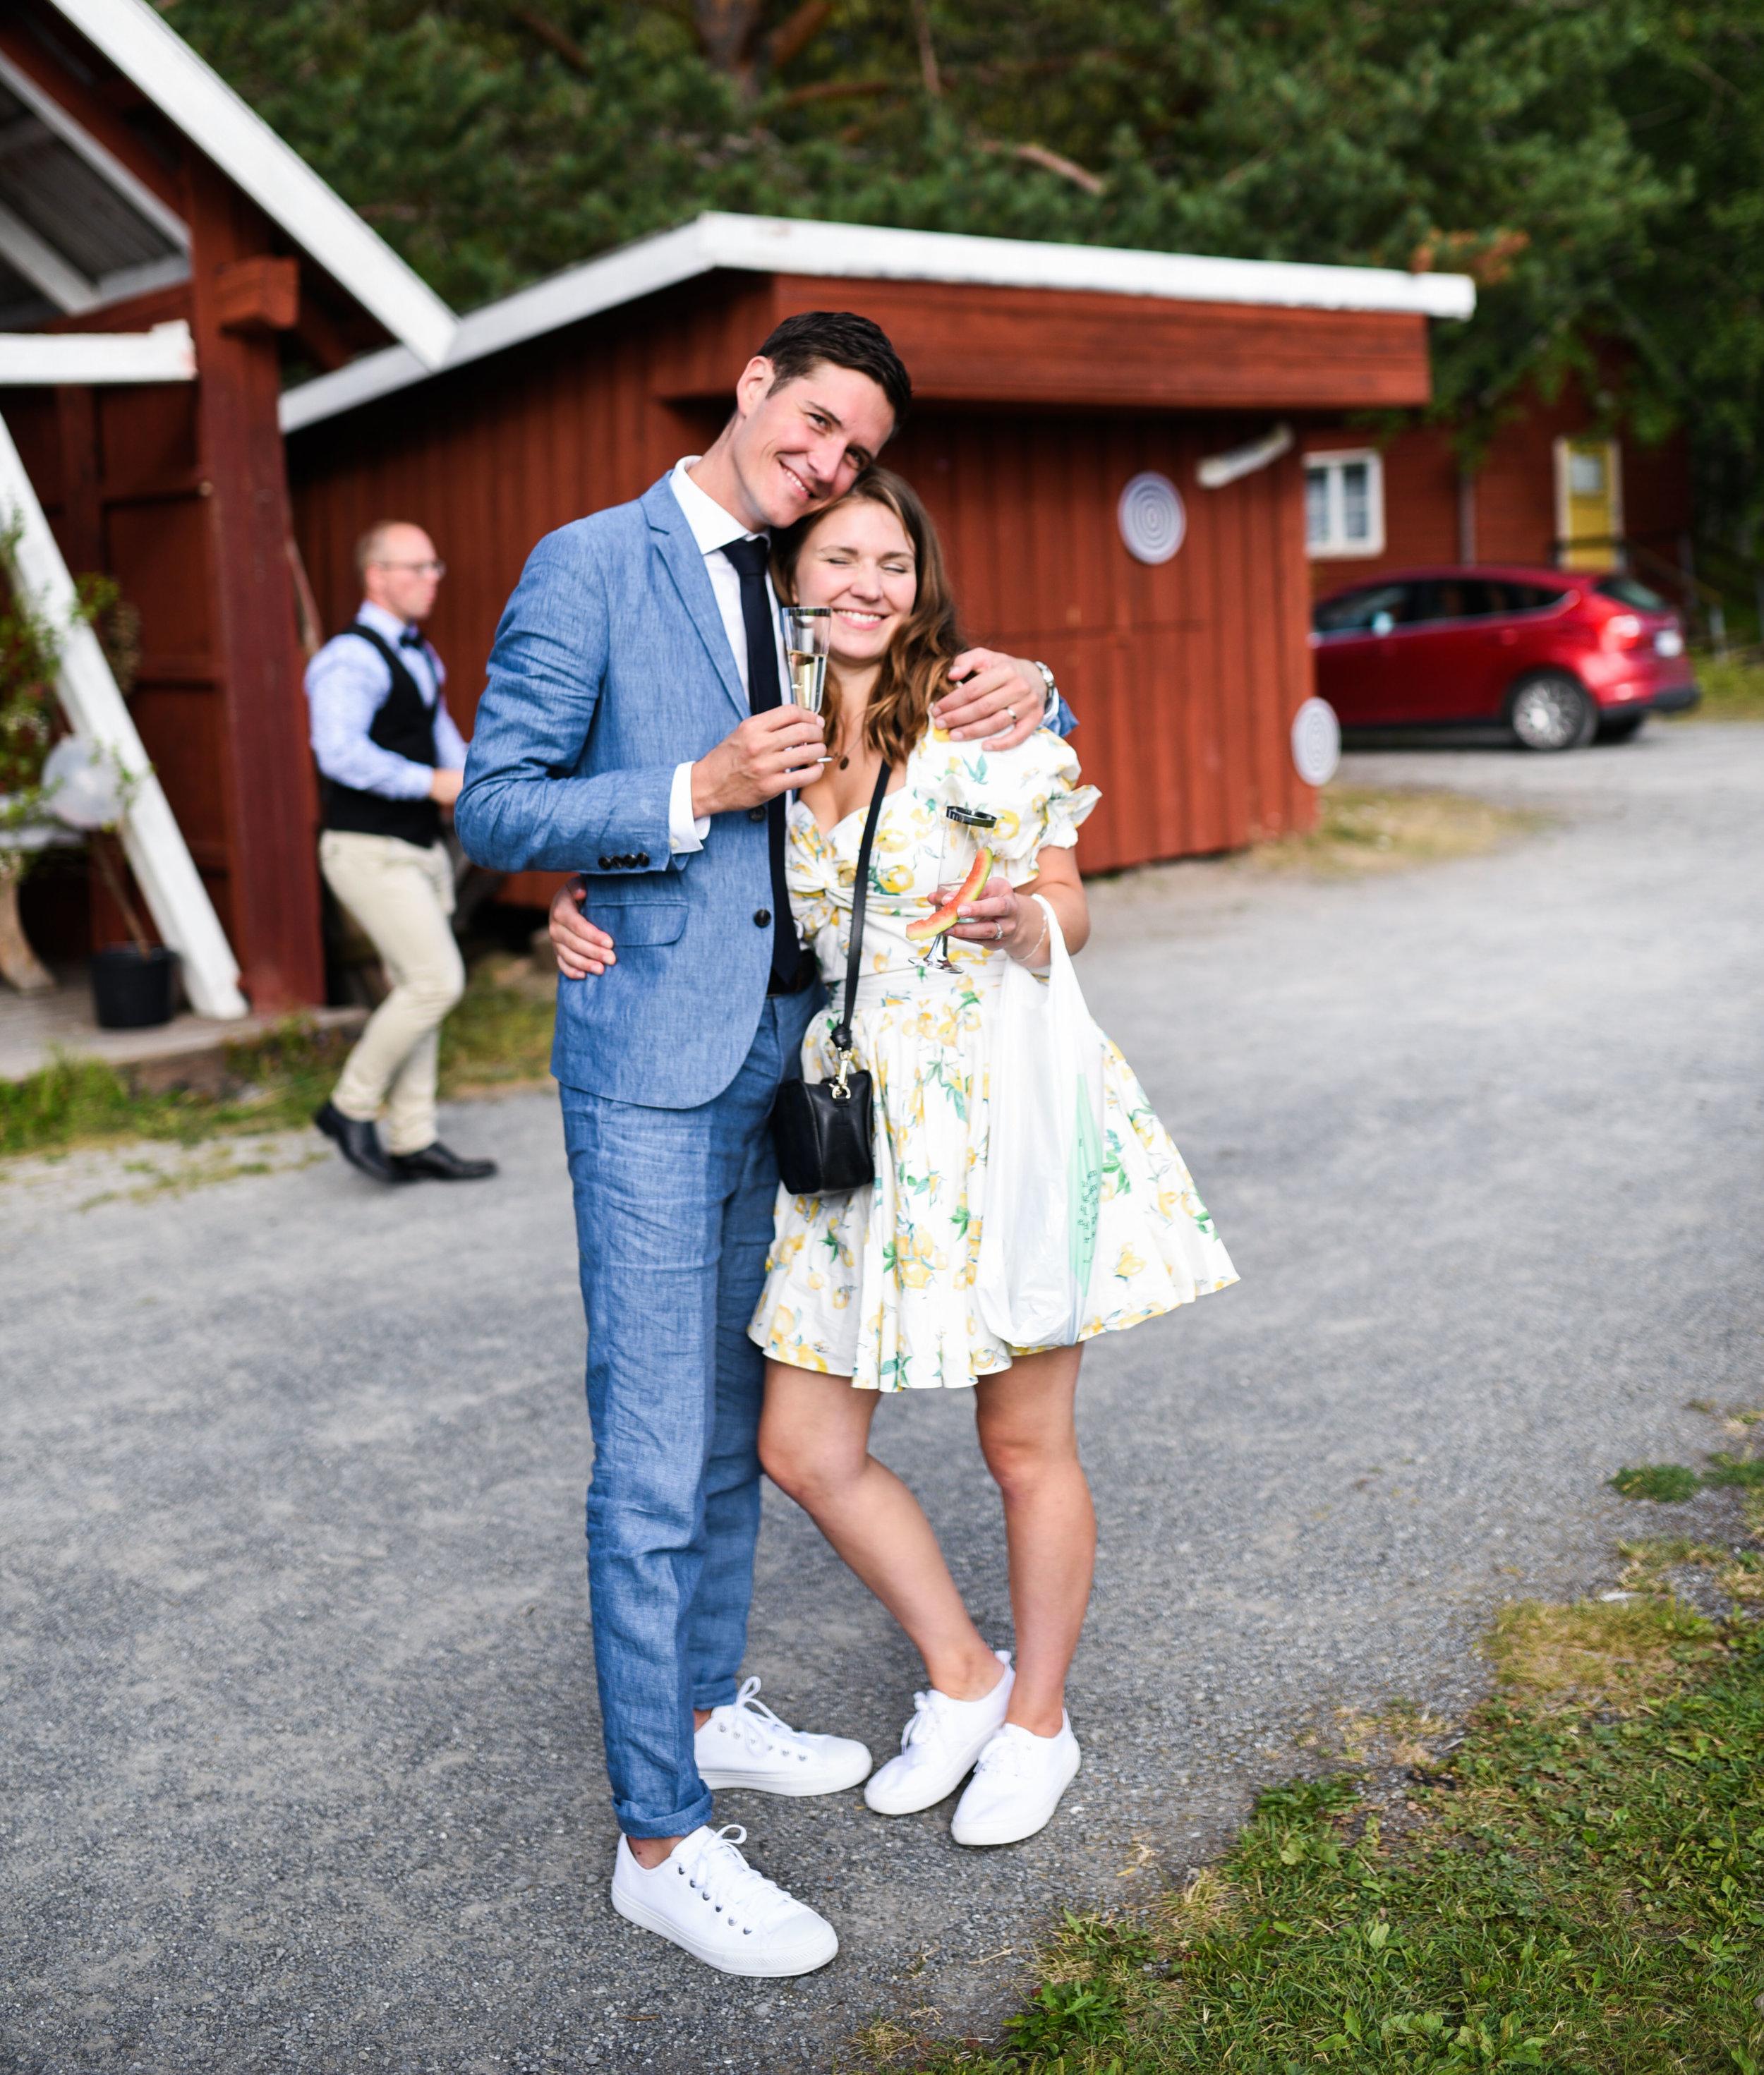 Bröllop2019lågkvall2-5923.jpg